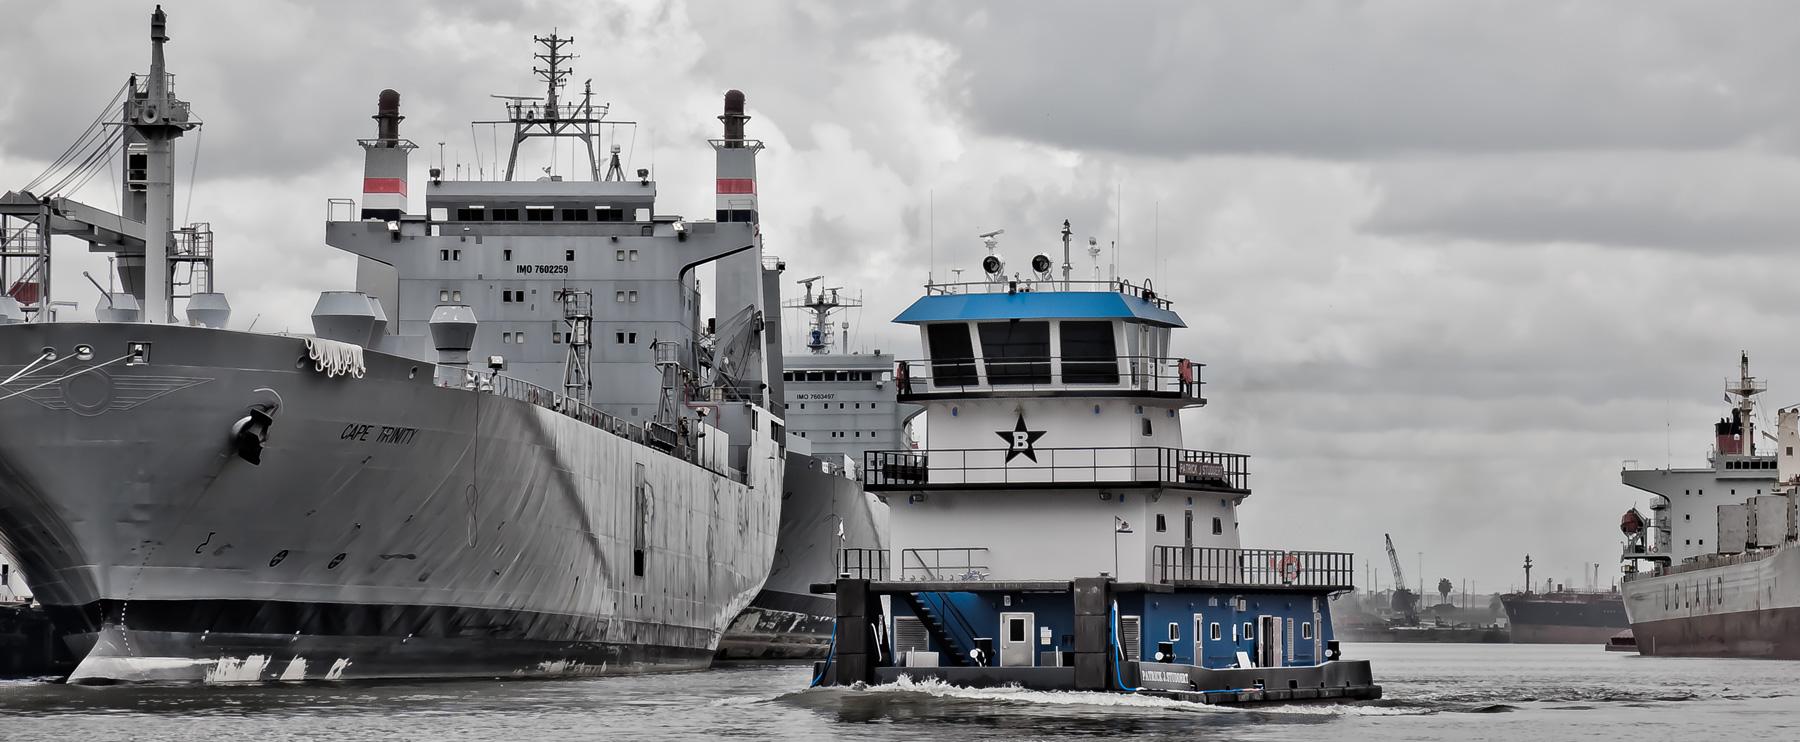 Shamrock Marine: Houston Barge Transportation